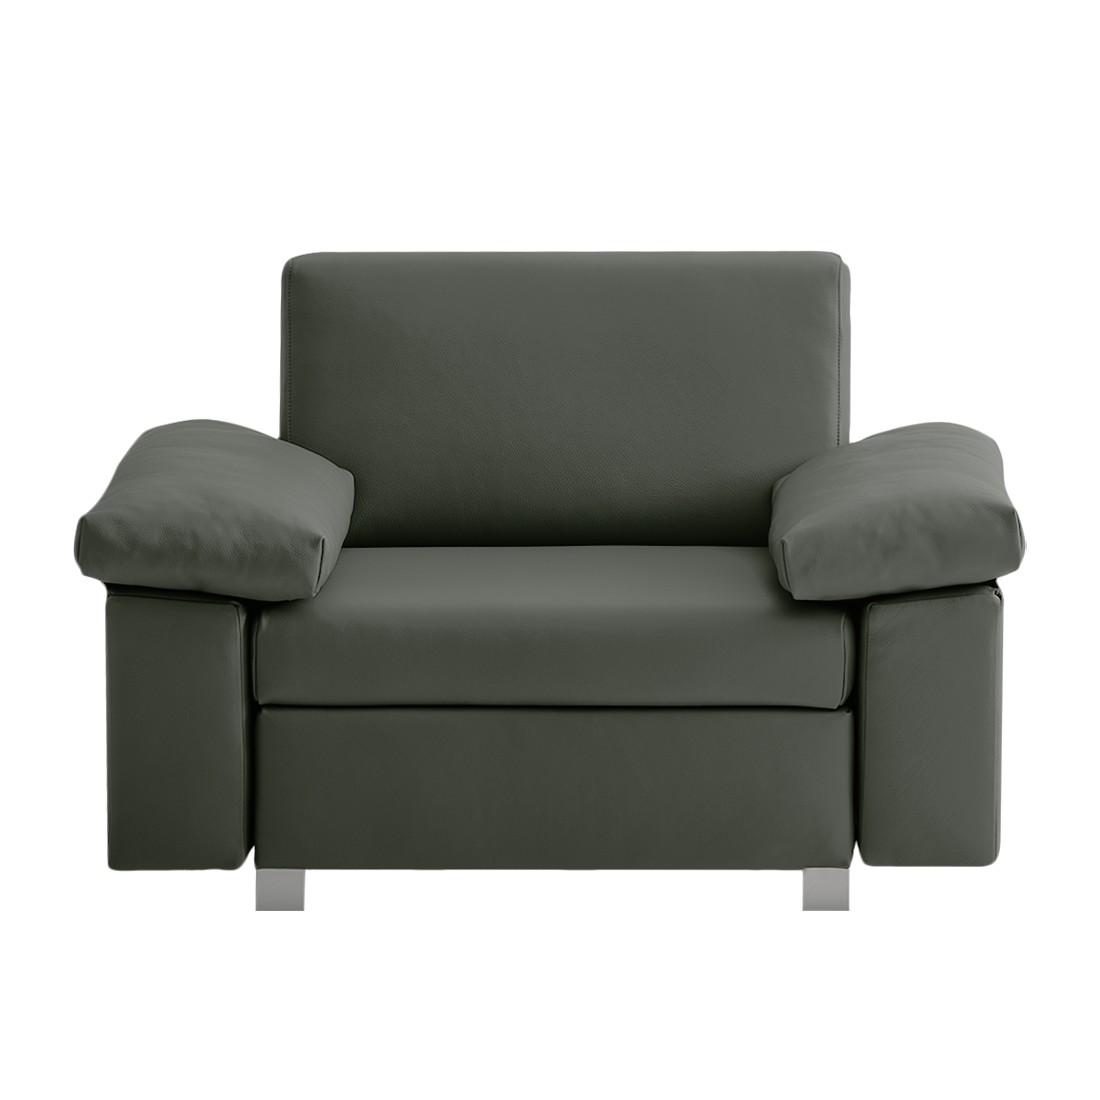 schlafsessel online kaufen m bel suchmaschine. Black Bedroom Furniture Sets. Home Design Ideas